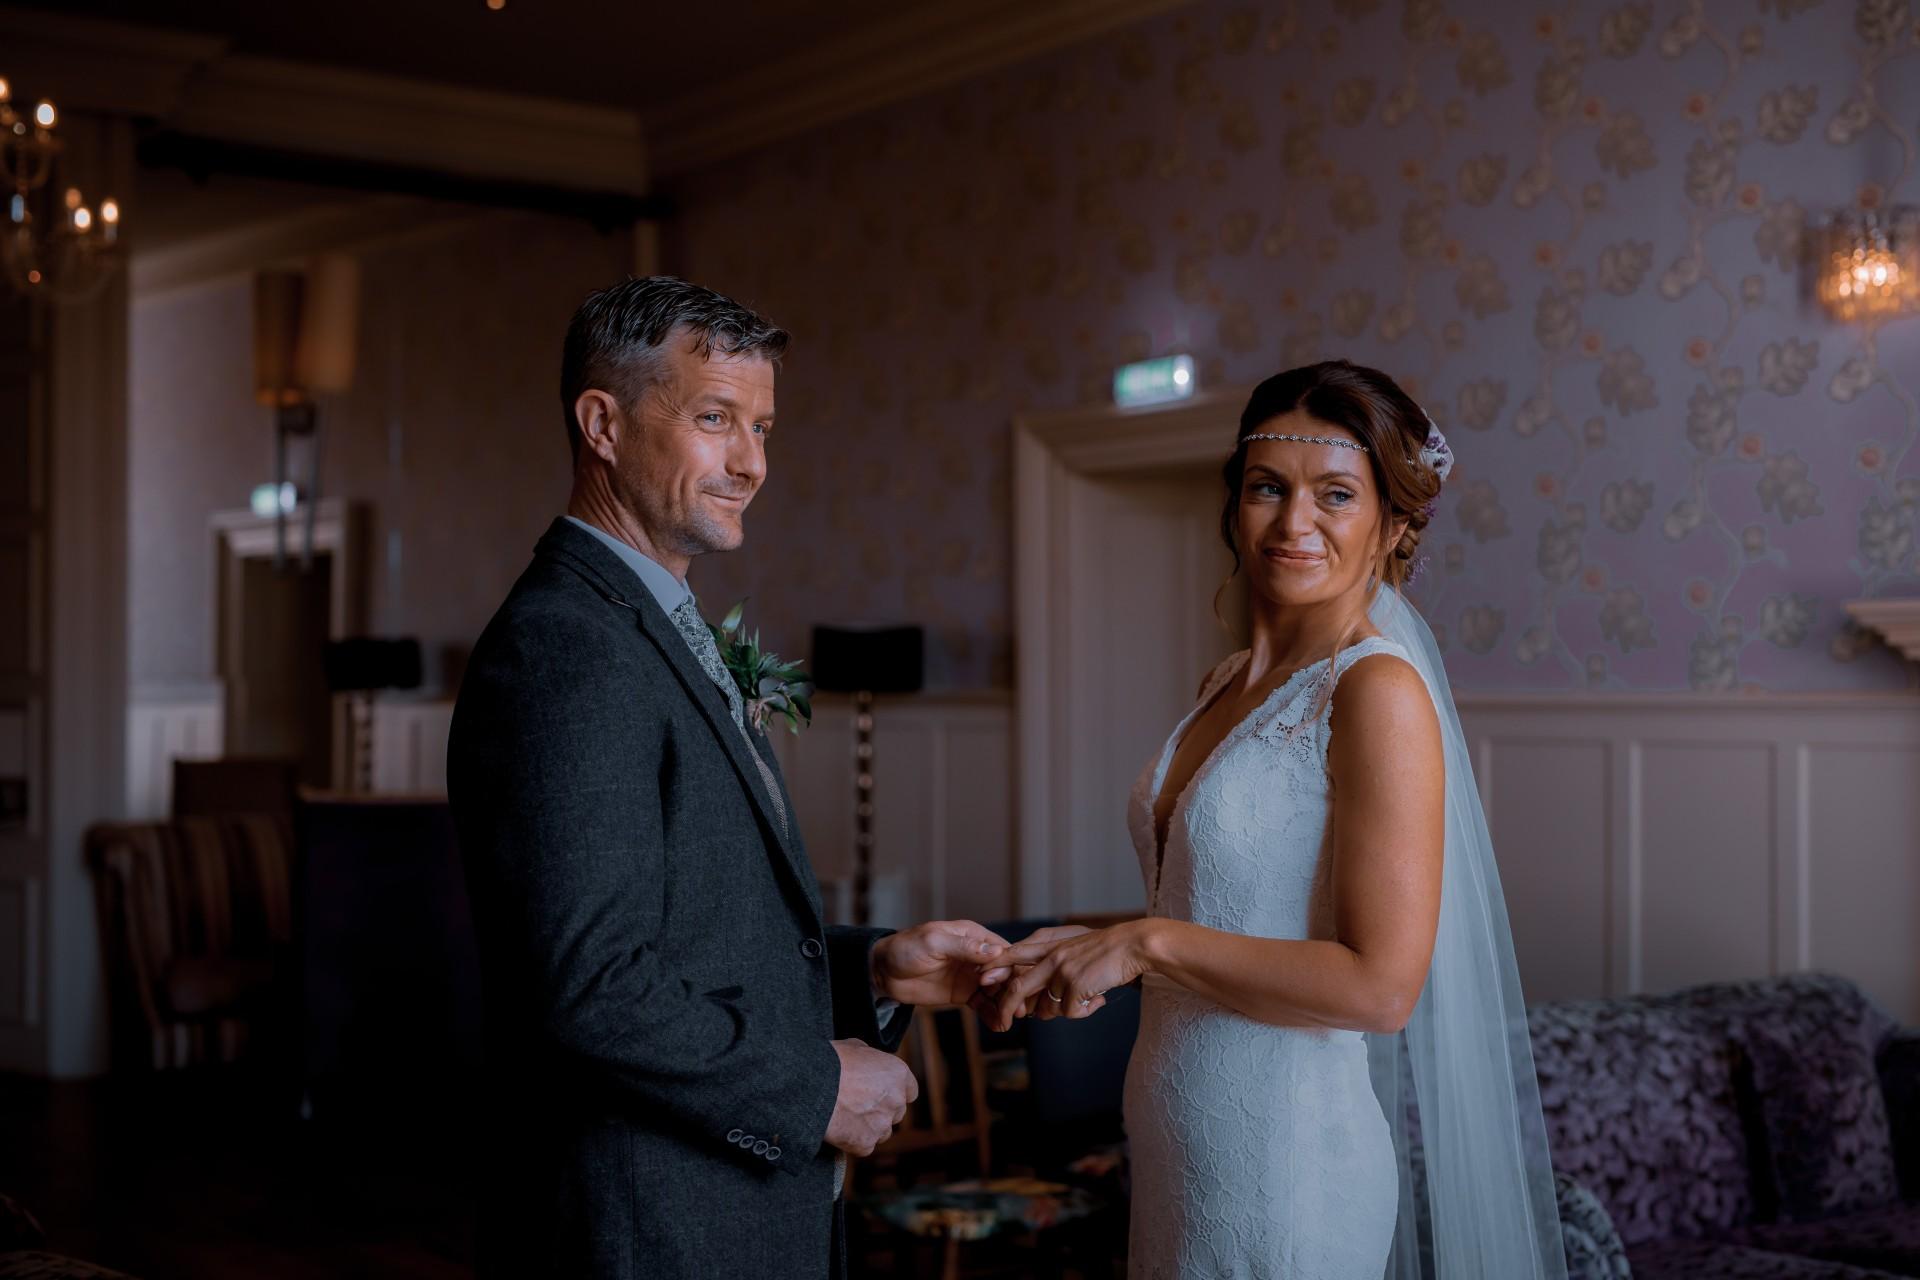 angol nő keres férfit a házasság